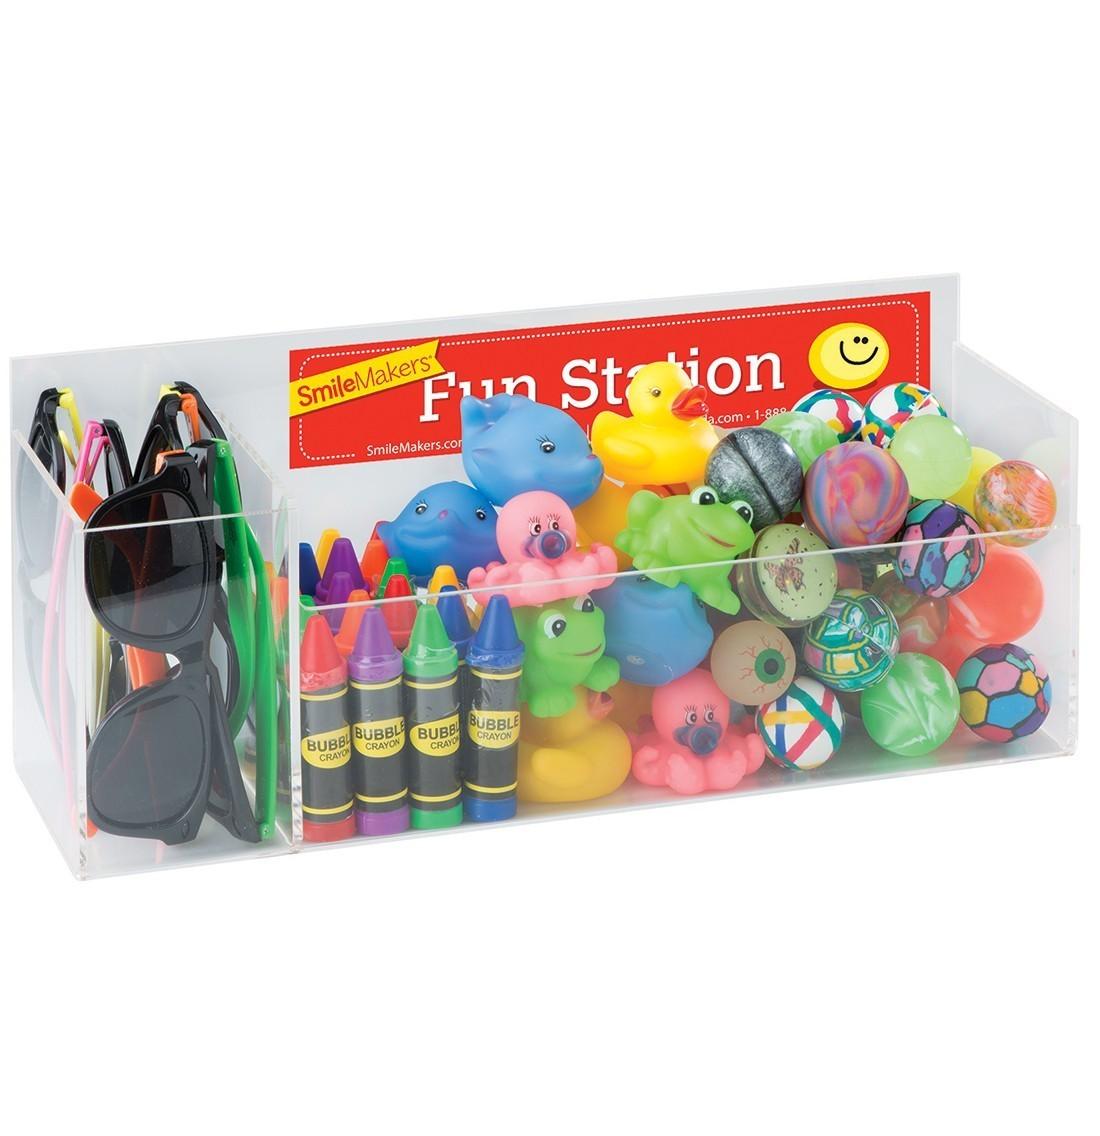 Fun Station [image]